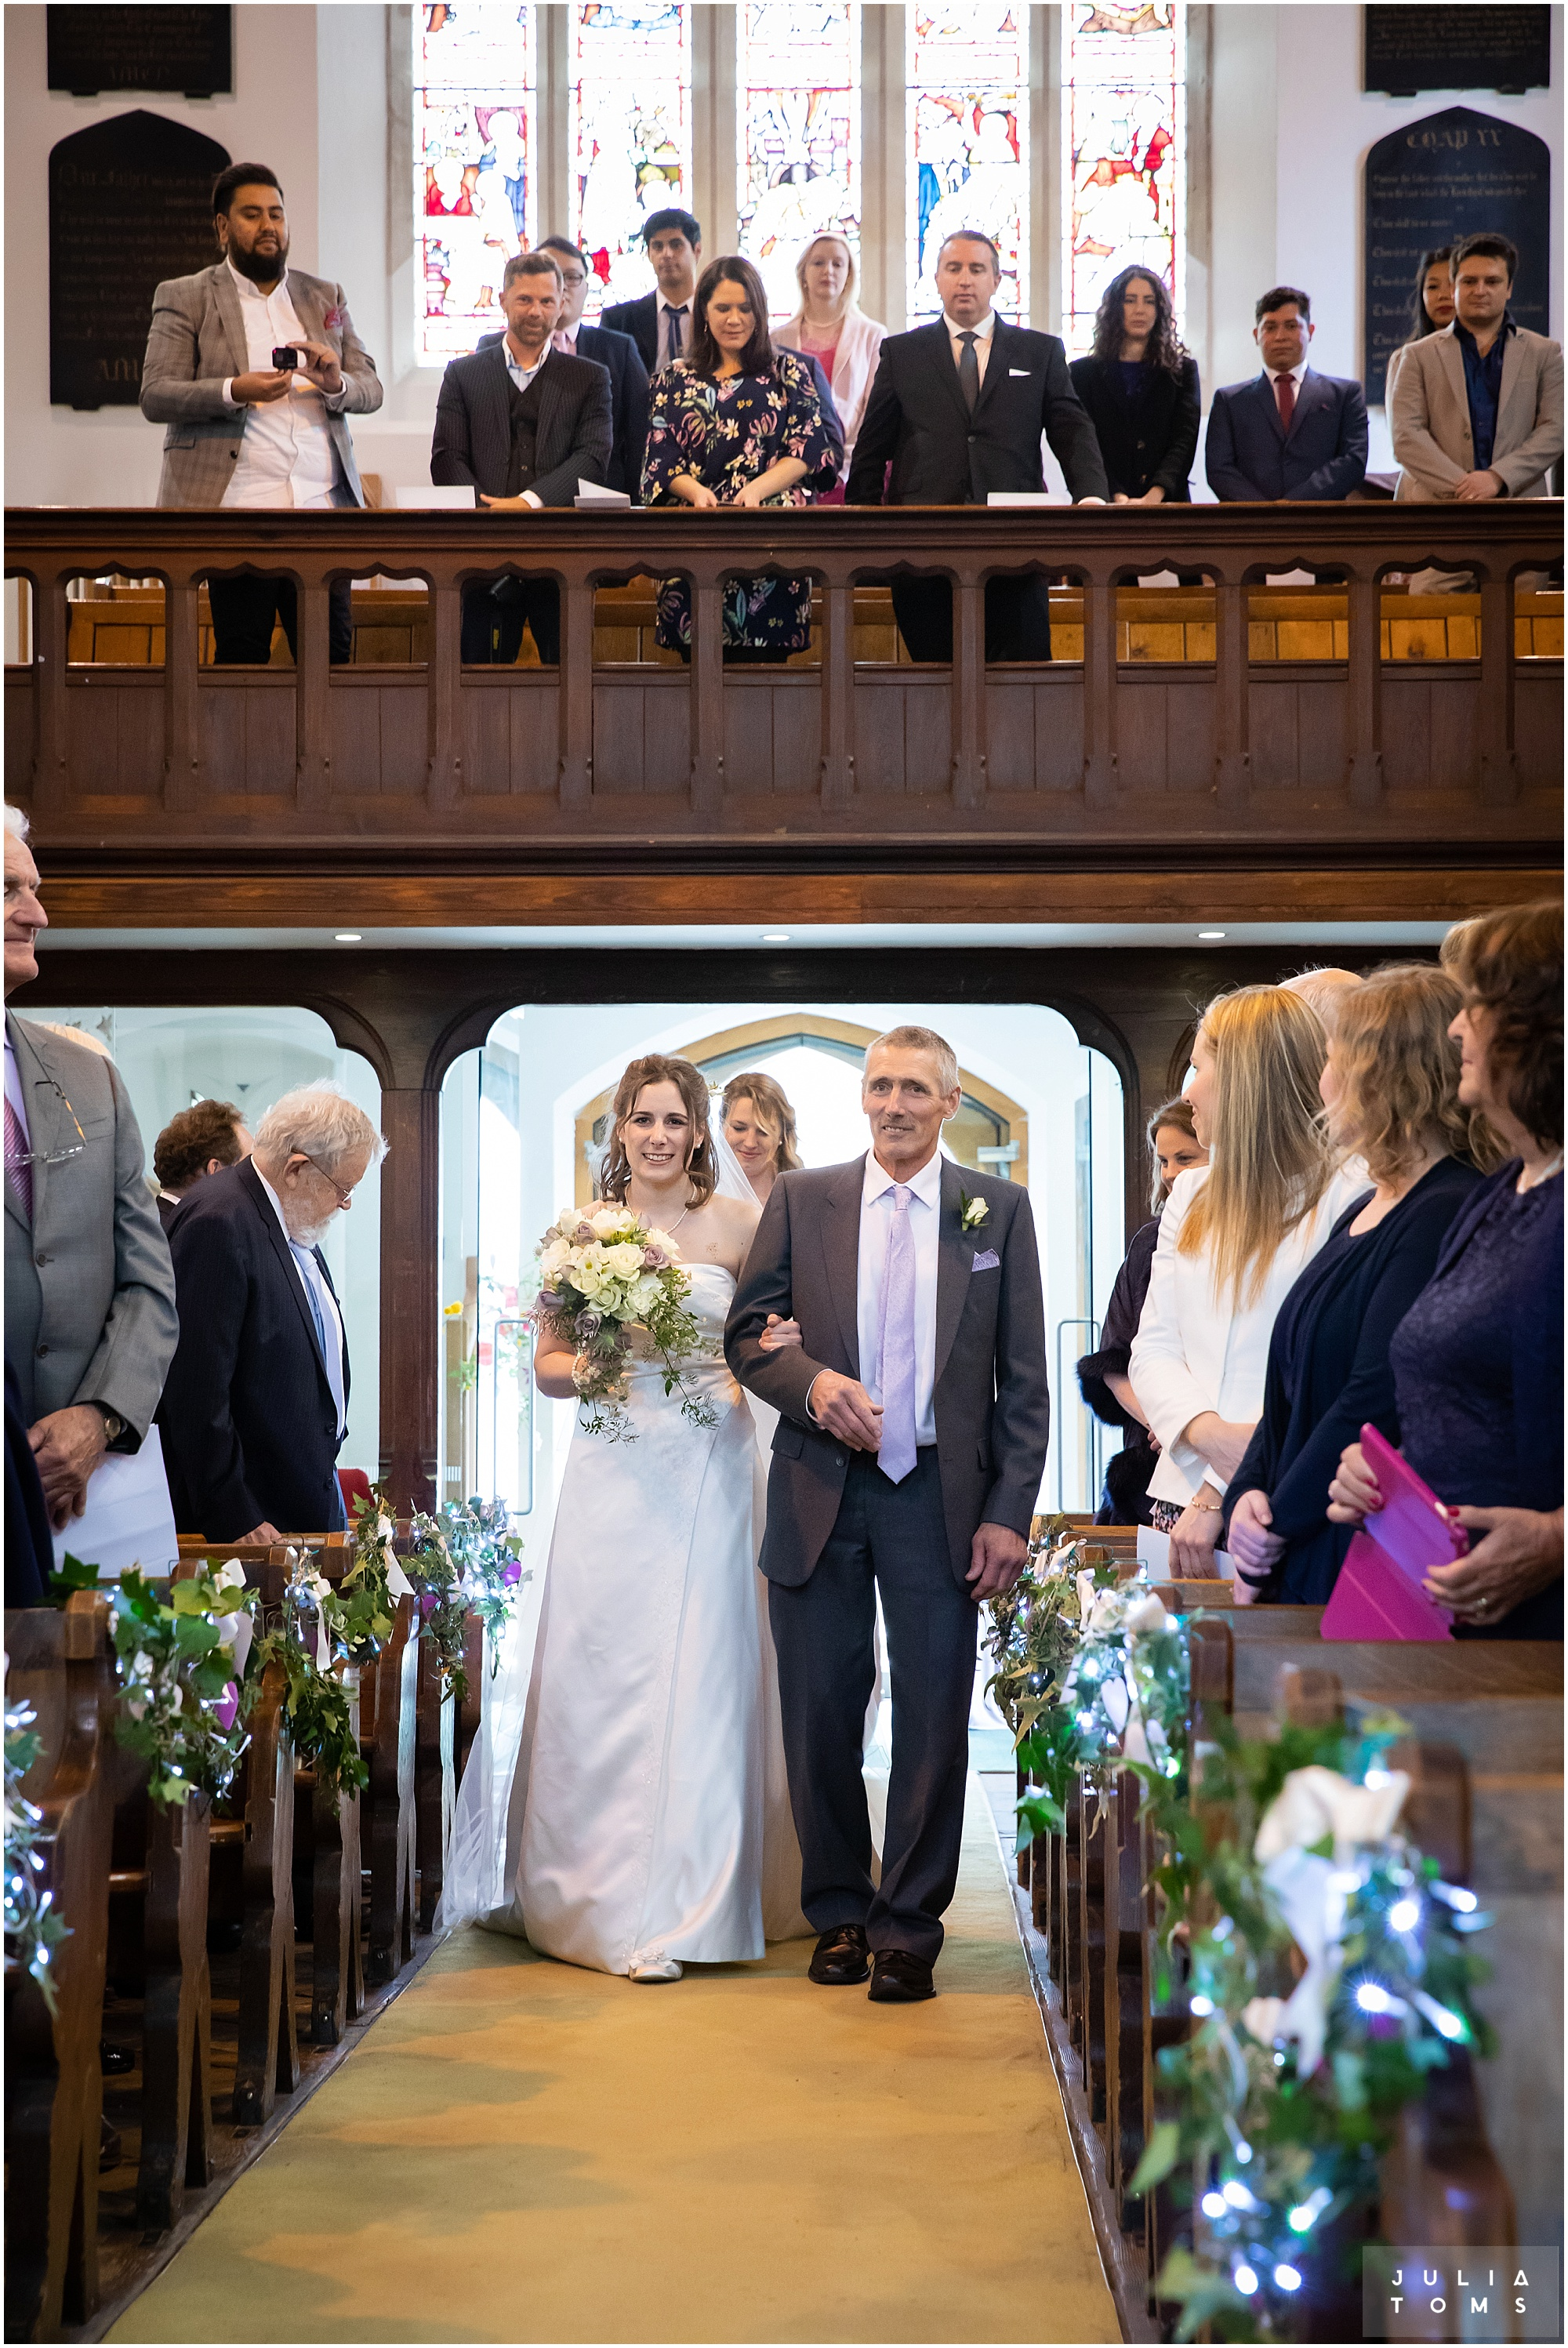 juliatoms_christian_wedding_photogtapher_midhurst_004.jpg